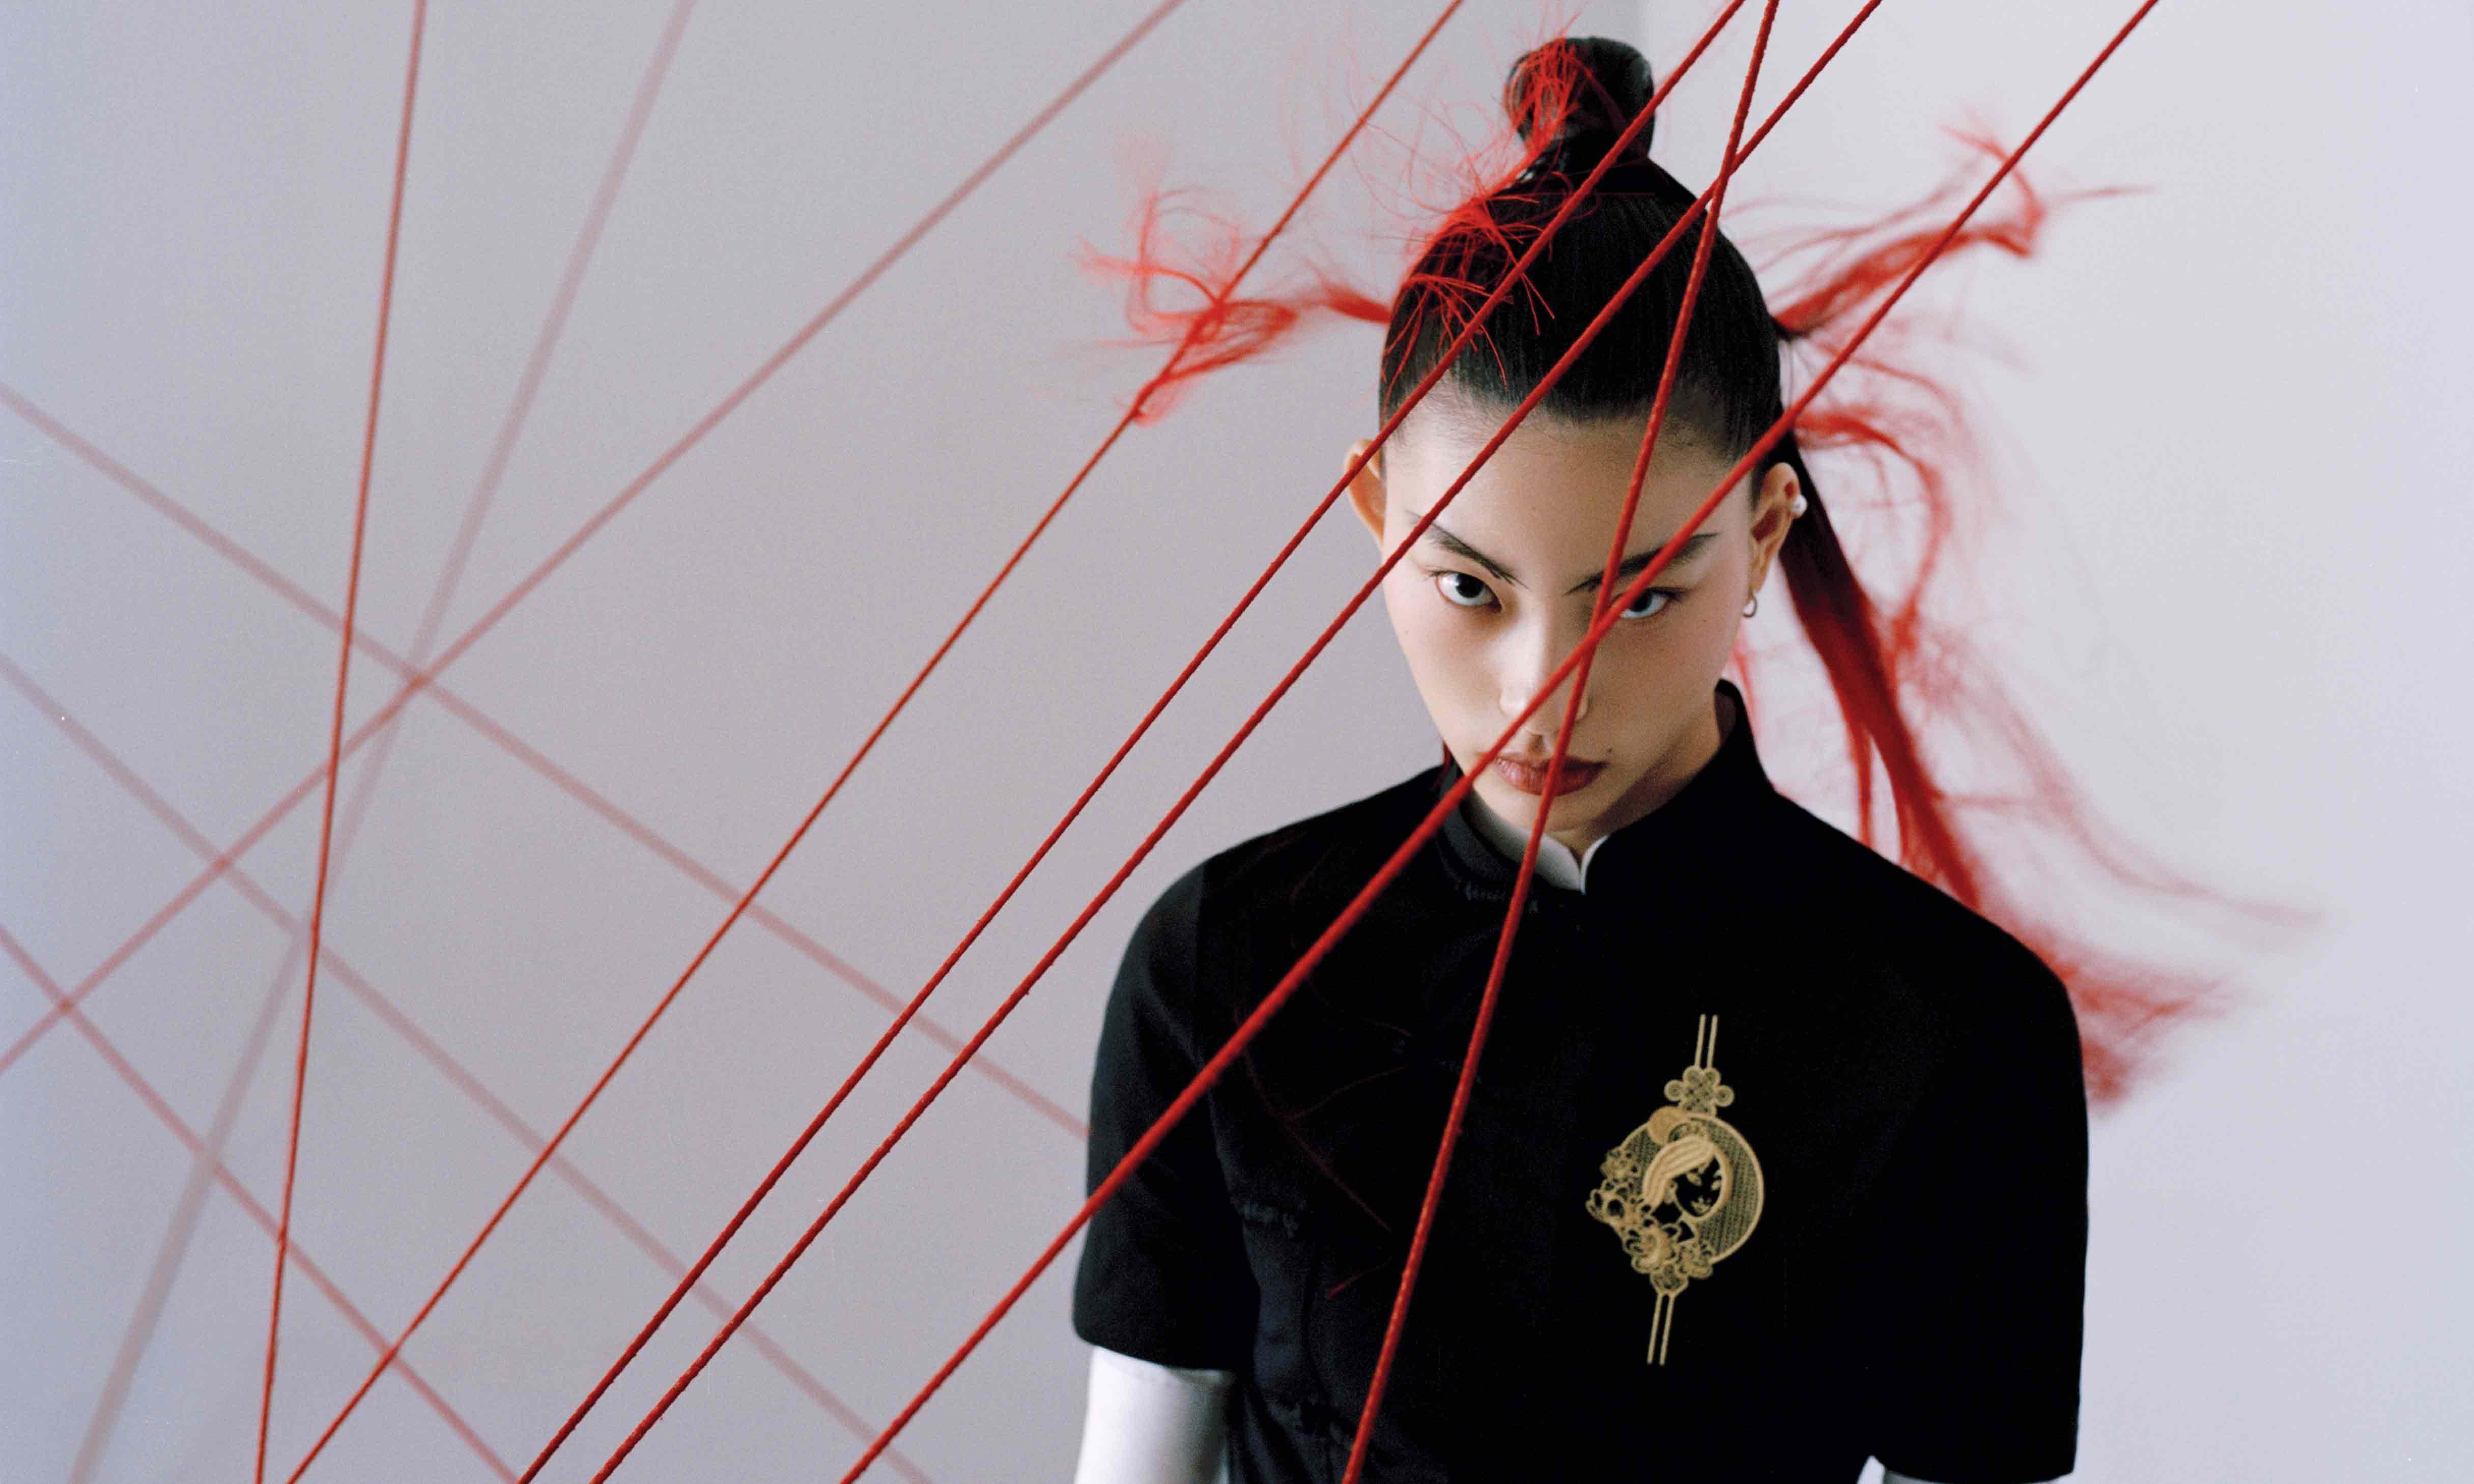 《花木兰》x 太平鸟合作系列明日发布